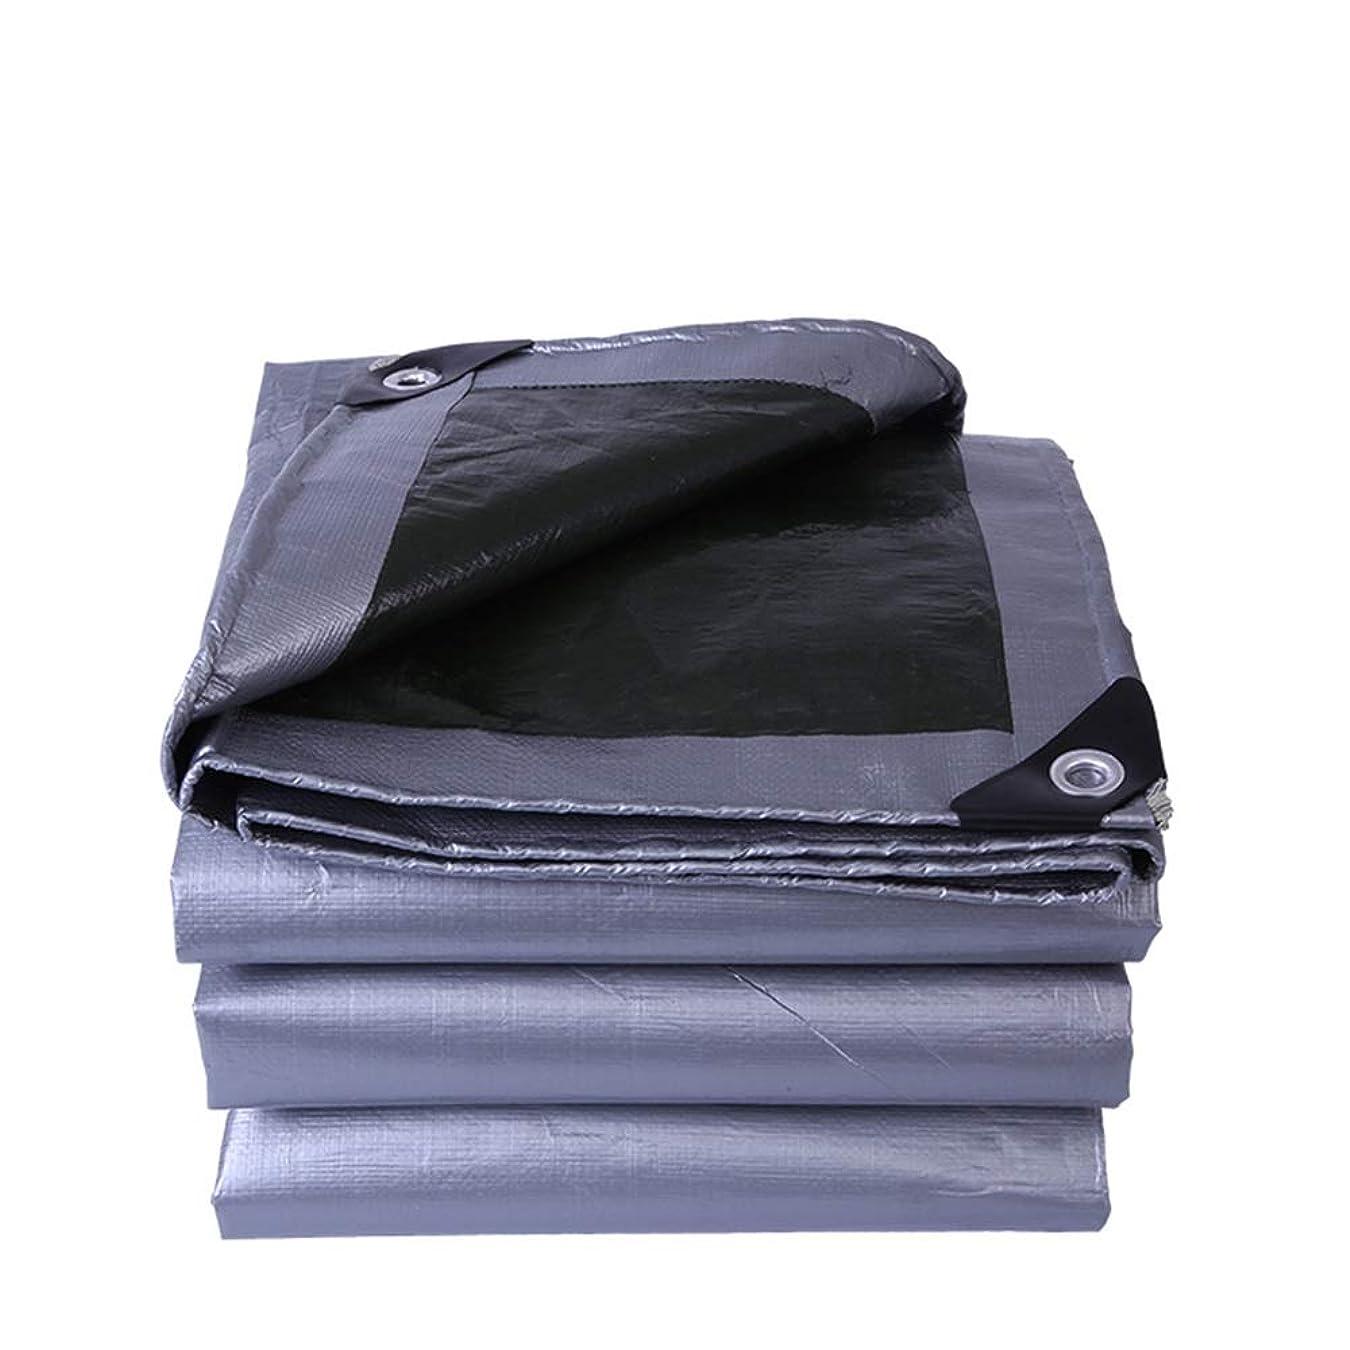 添加剤生活有限HPLL 多目的防水シート 防水防雨布、グレー/ブラック日焼け止めターポリンスチームトラックシェードオックスフォードキャンバスオイルクロスプラスチック屋外ターポリンを厚くする 防水シートのプラスチック布,防雨布 (Size : 3m×5m)